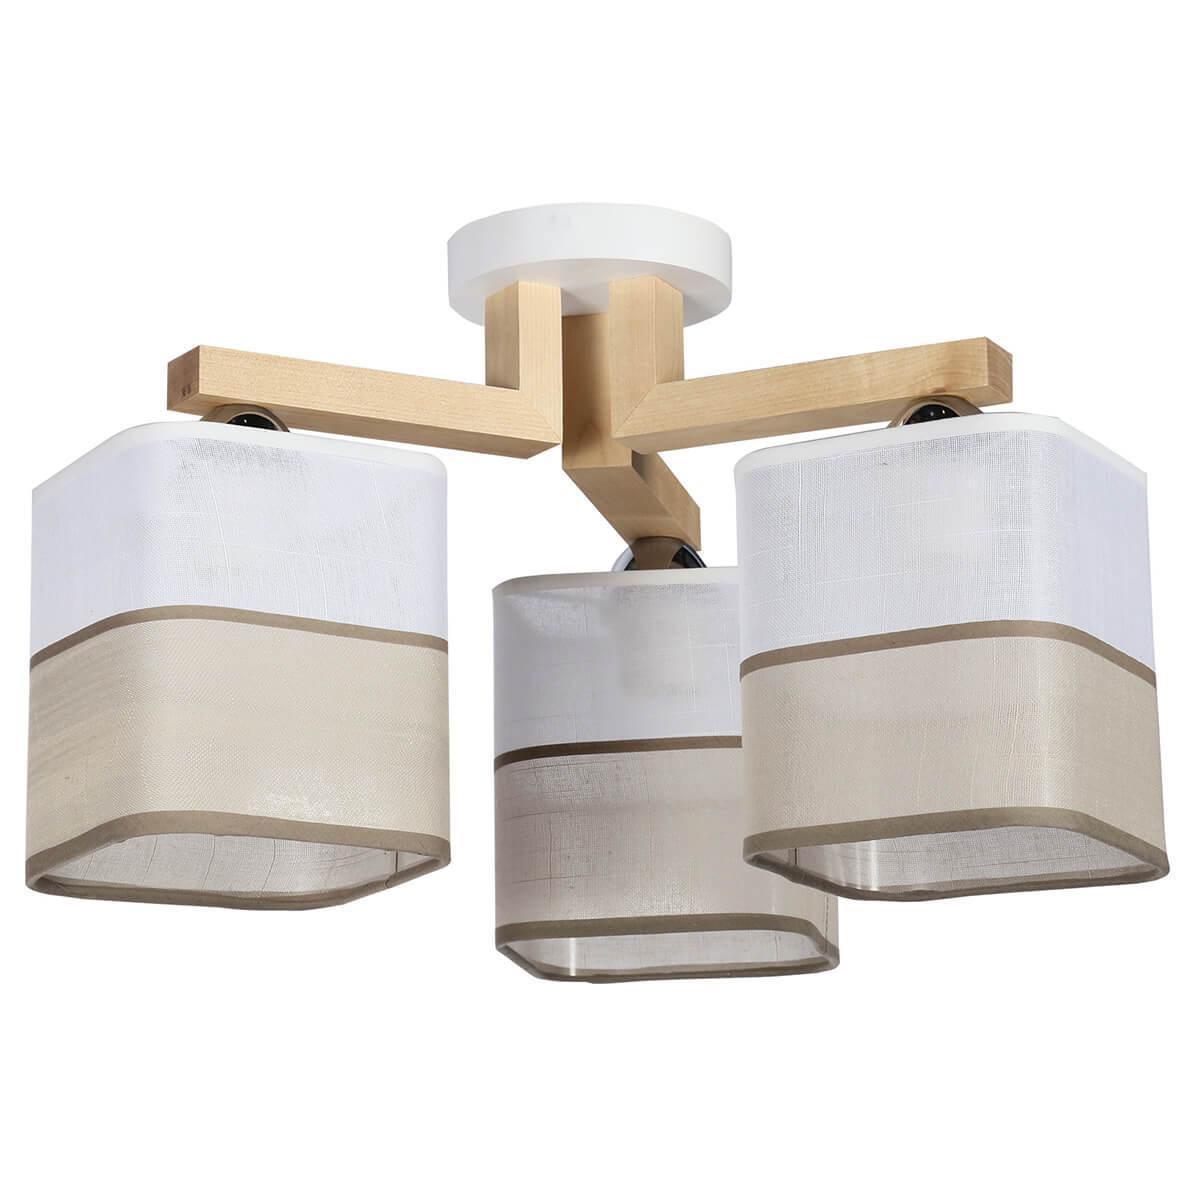 Фото - Потолочный светильник Дубравия 191-63-23, E27, 60 Вт подвесной светильник дубравия лори 181 41 23